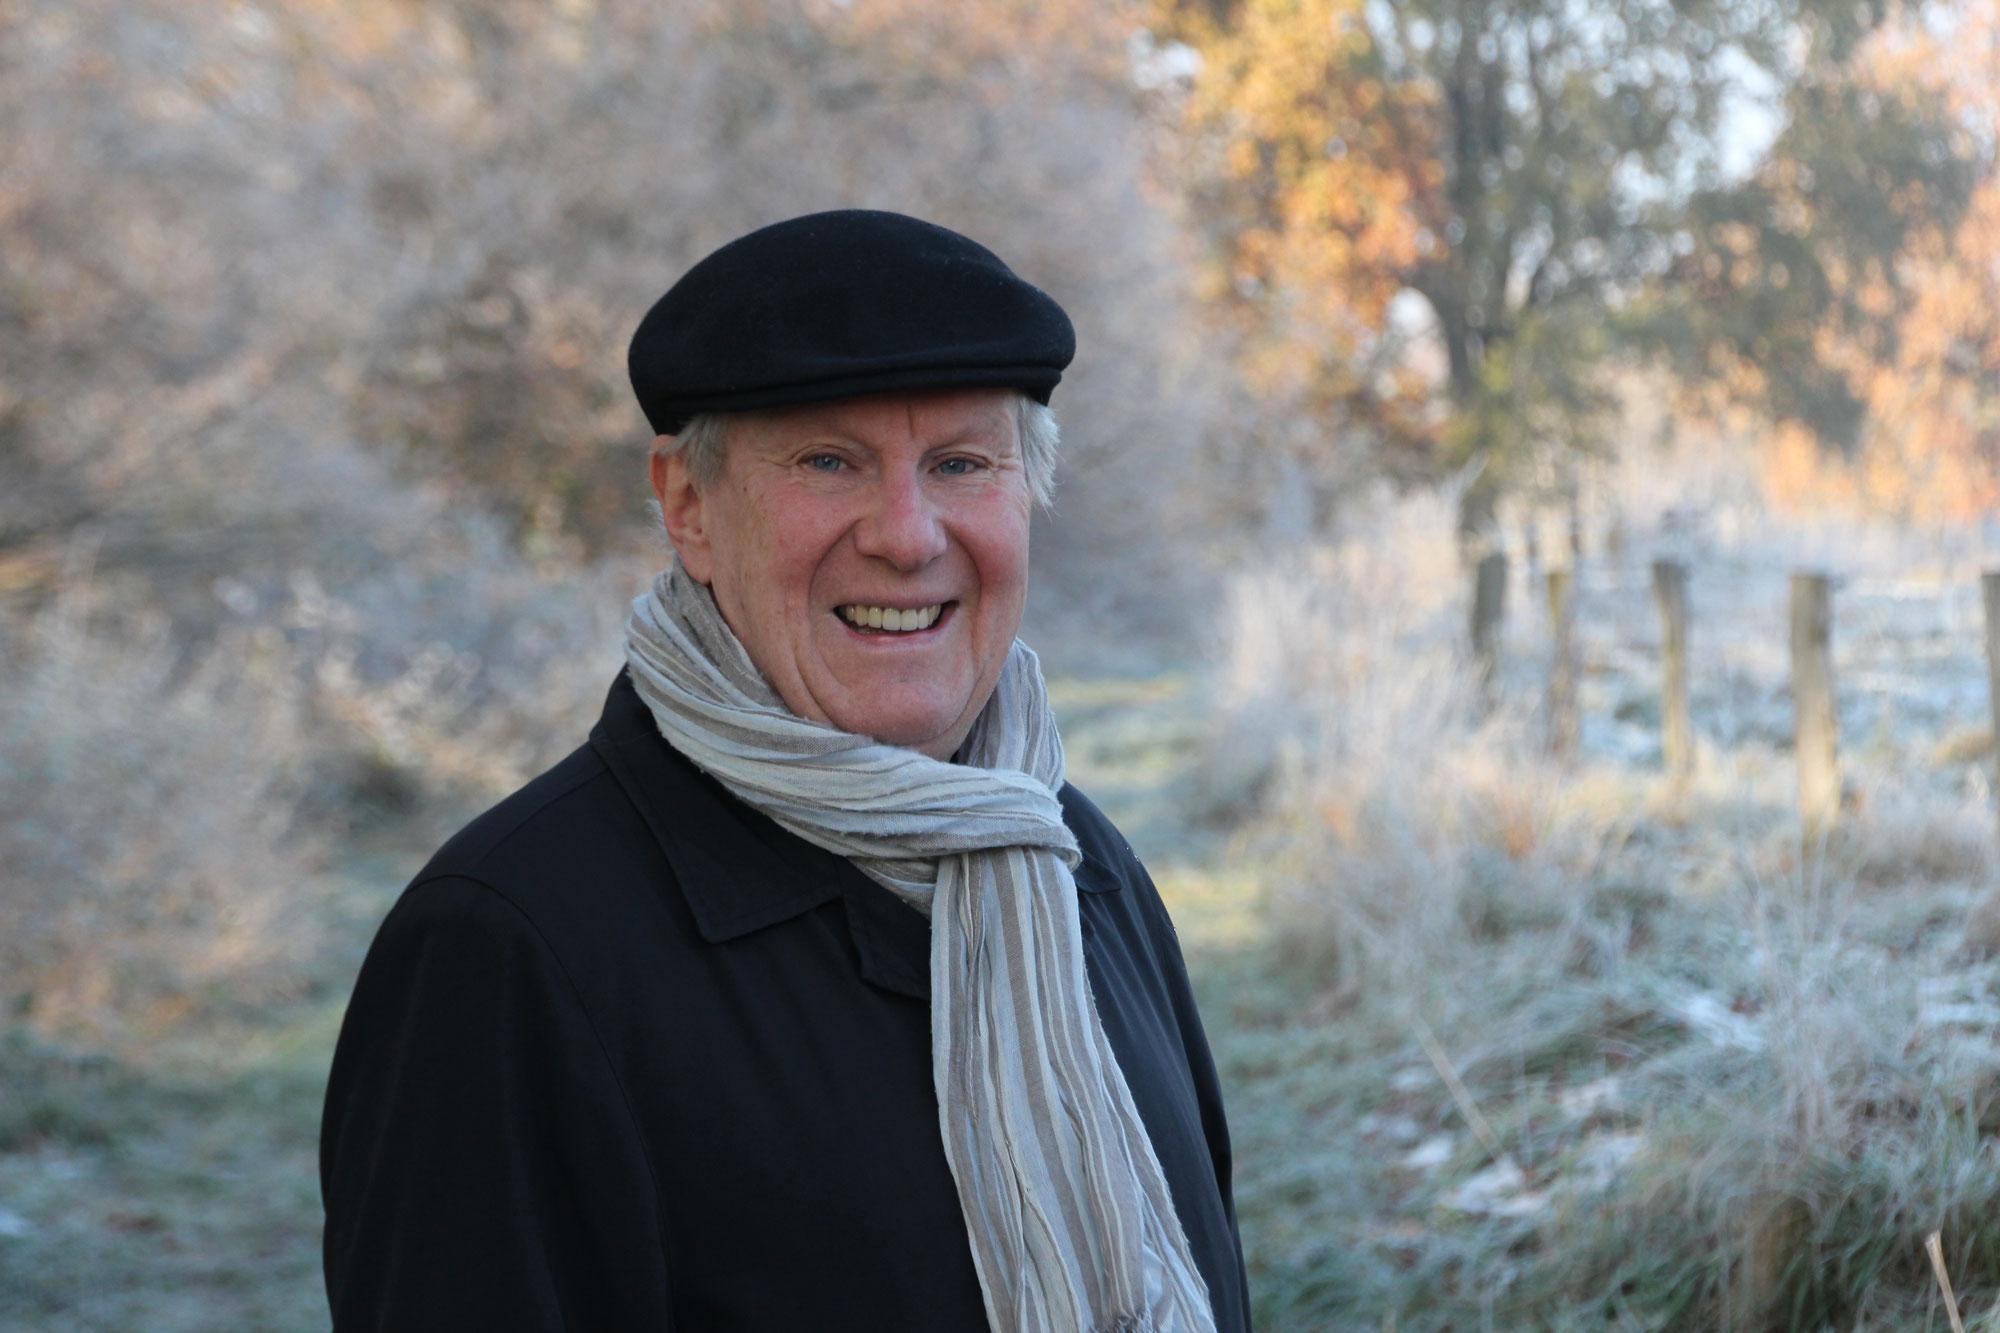 27 - Autoreninterview mit Konrad K. L. Rippmann